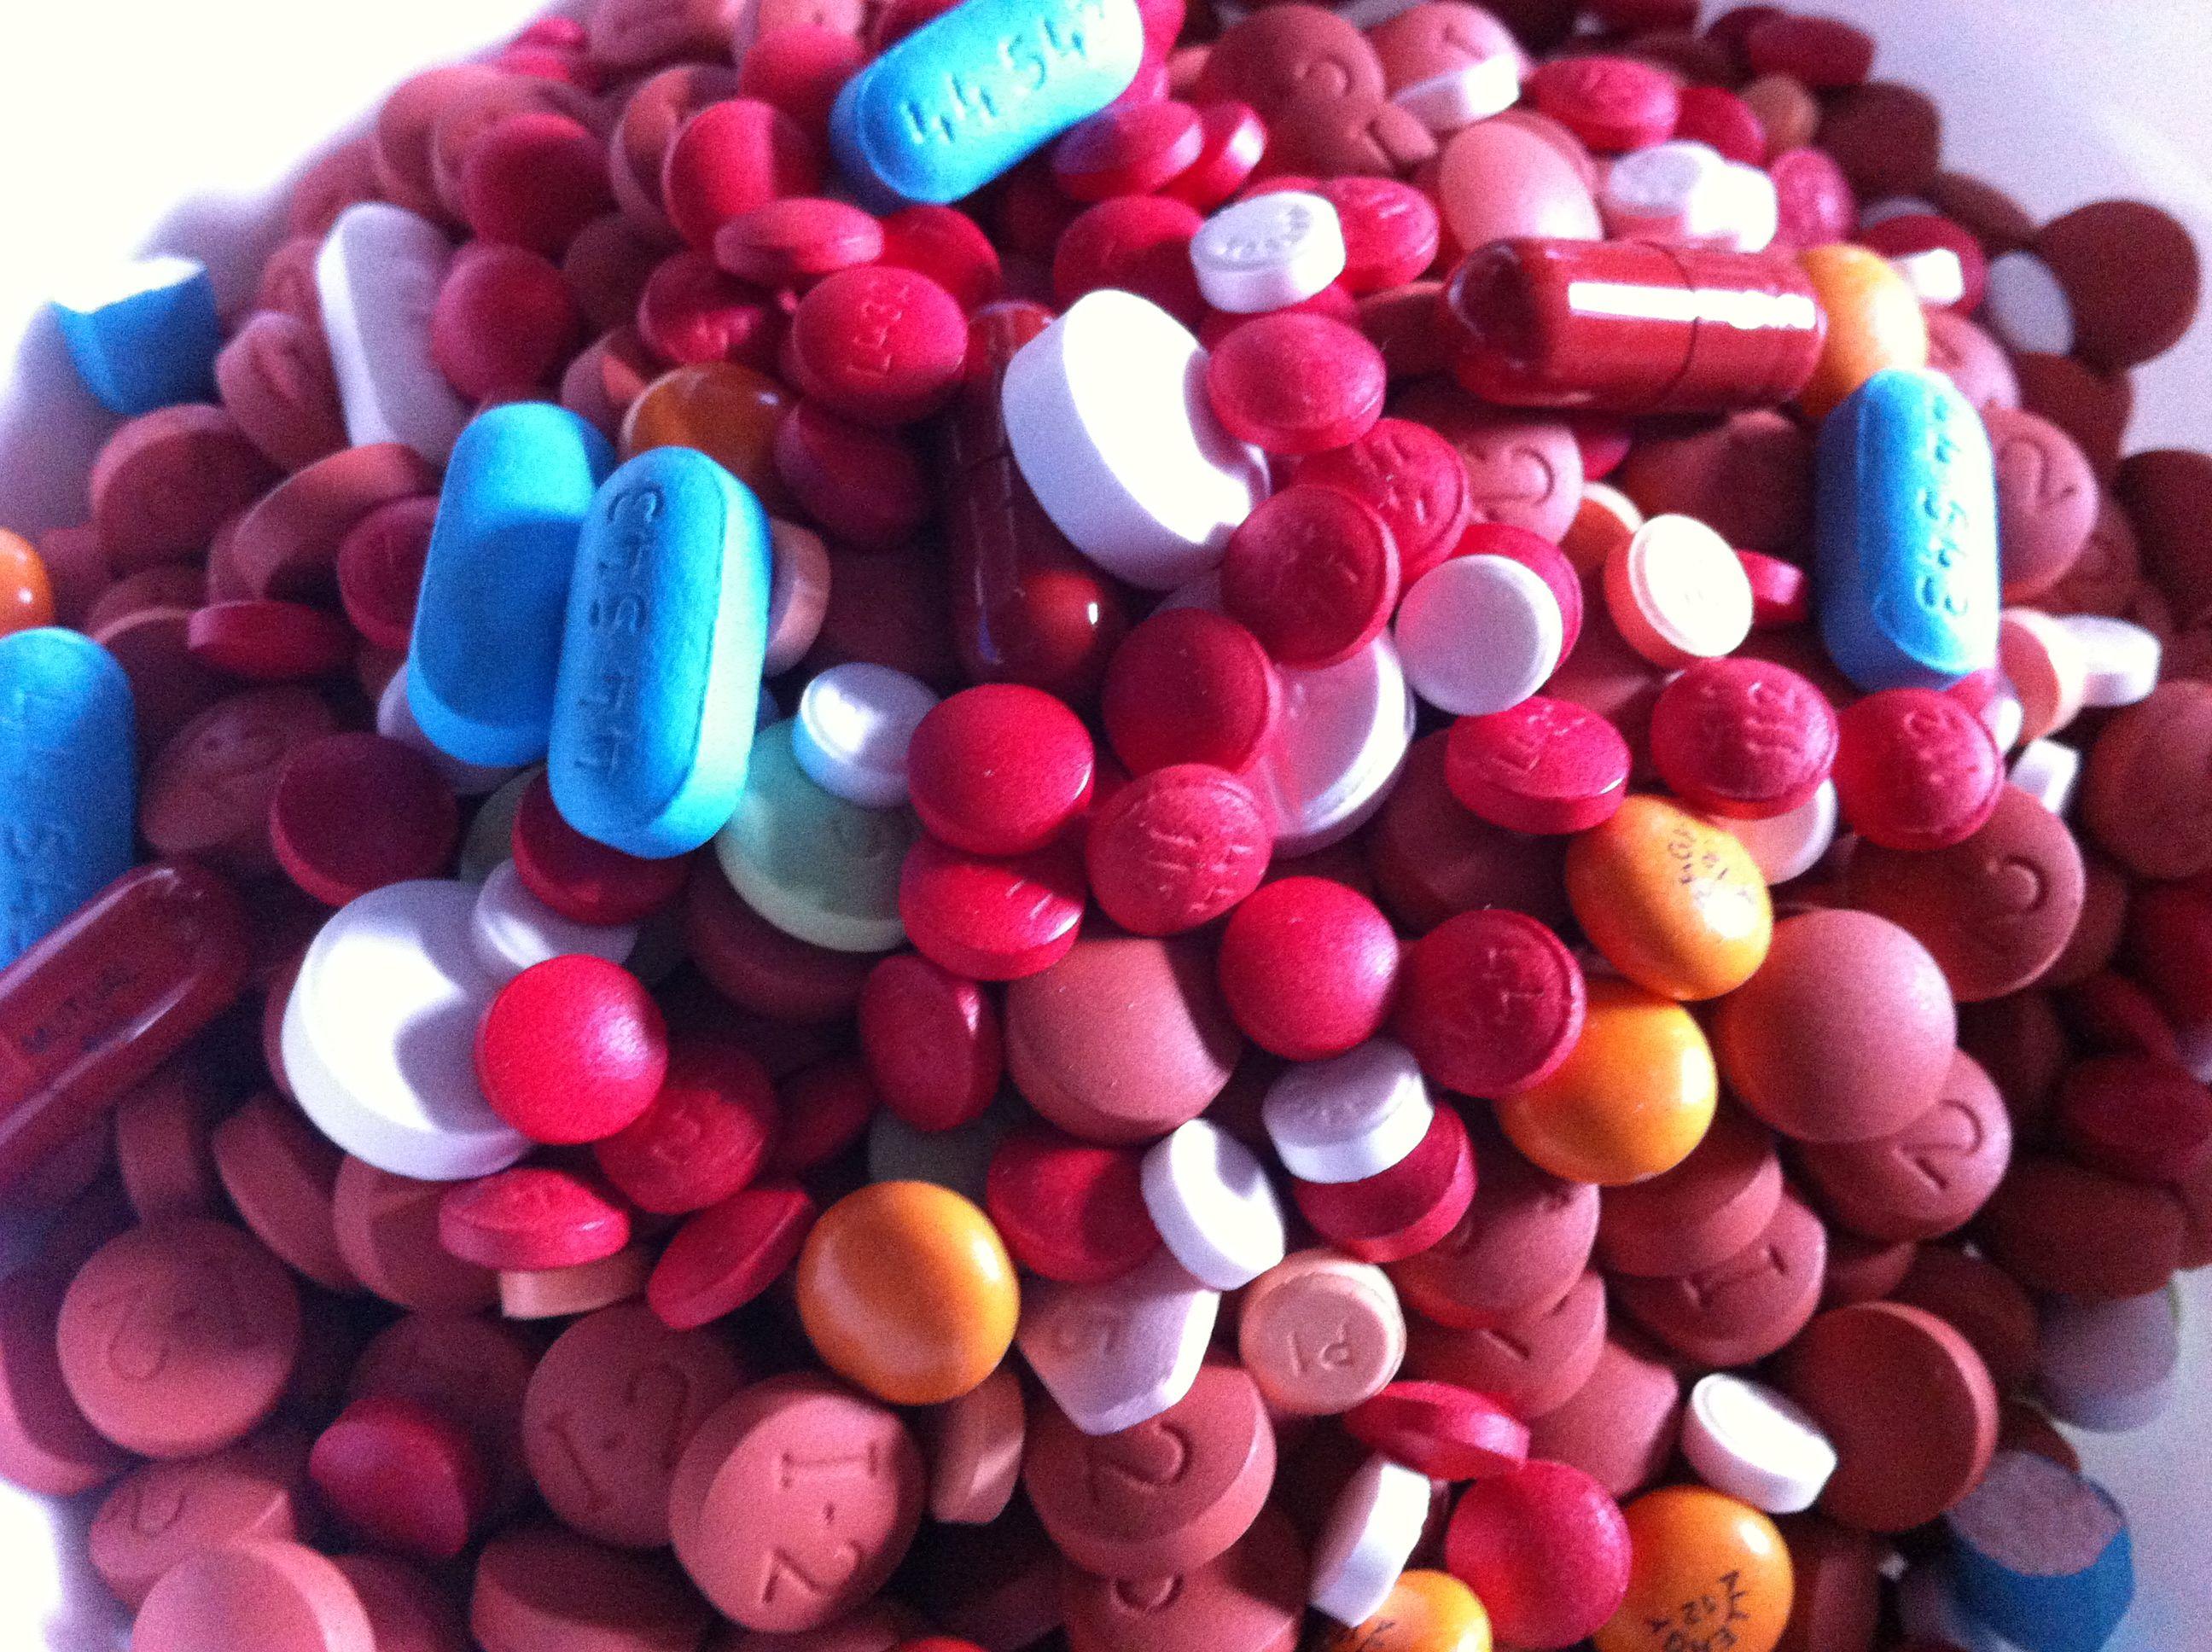 La médecine teste une hypothèse radicale (et qui semble marcher) : donner à des patients des médicaments dont ils savent qu'ils sont inefficaces